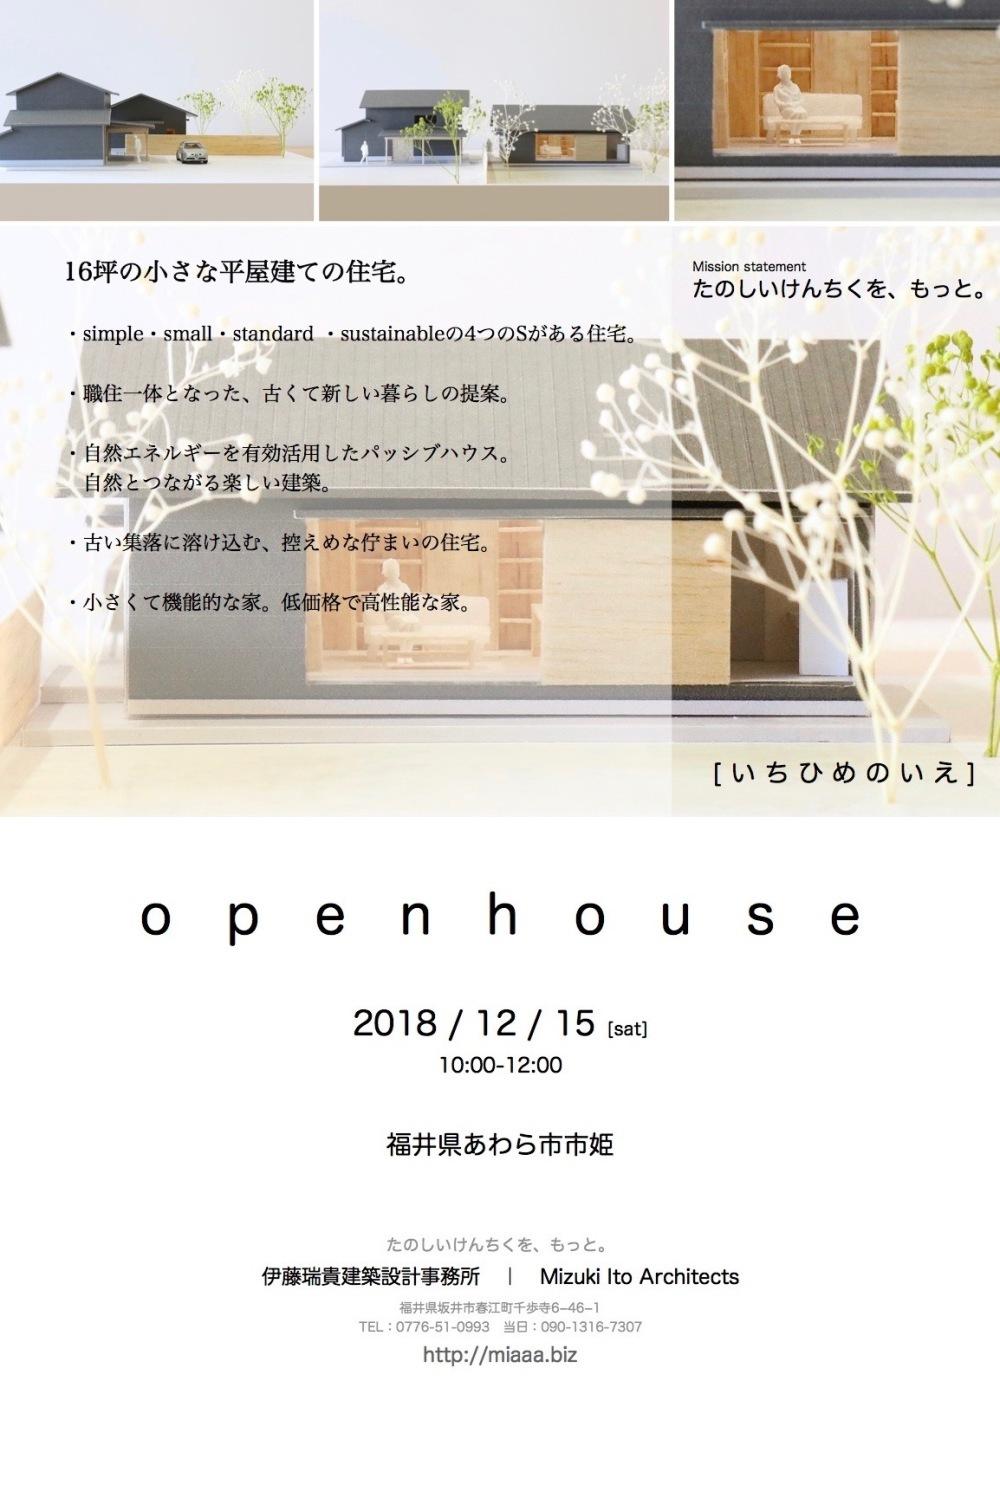 12/15(土)に福井県あわら市市姫にてオープンハウス(建築内覧会)を開催致します。パッシブハウス_f0165030_16371584.jpg